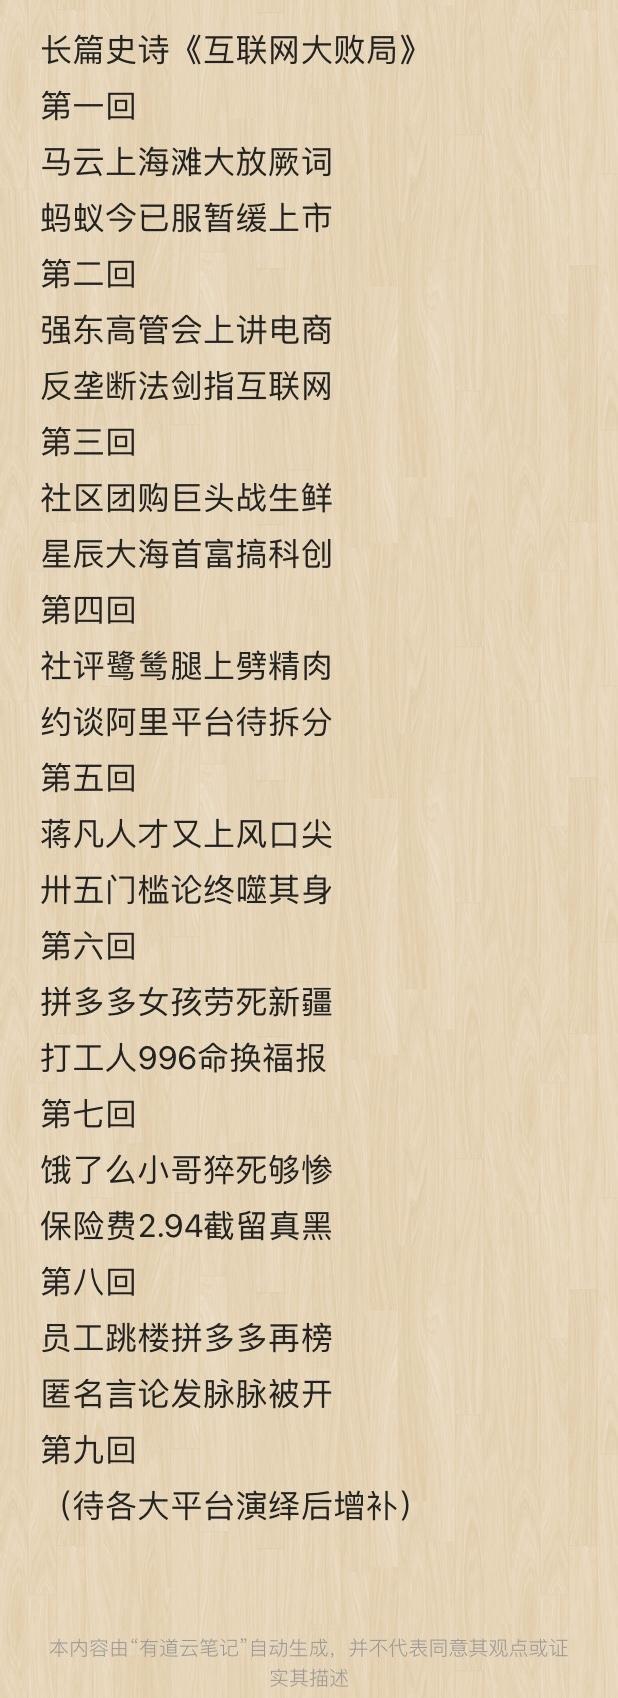 """今日新鲜事001期:快手""""奥利圆妹""""黑料引热议,你怎么看待这瓜? liuliushe.net六六社 第14张"""